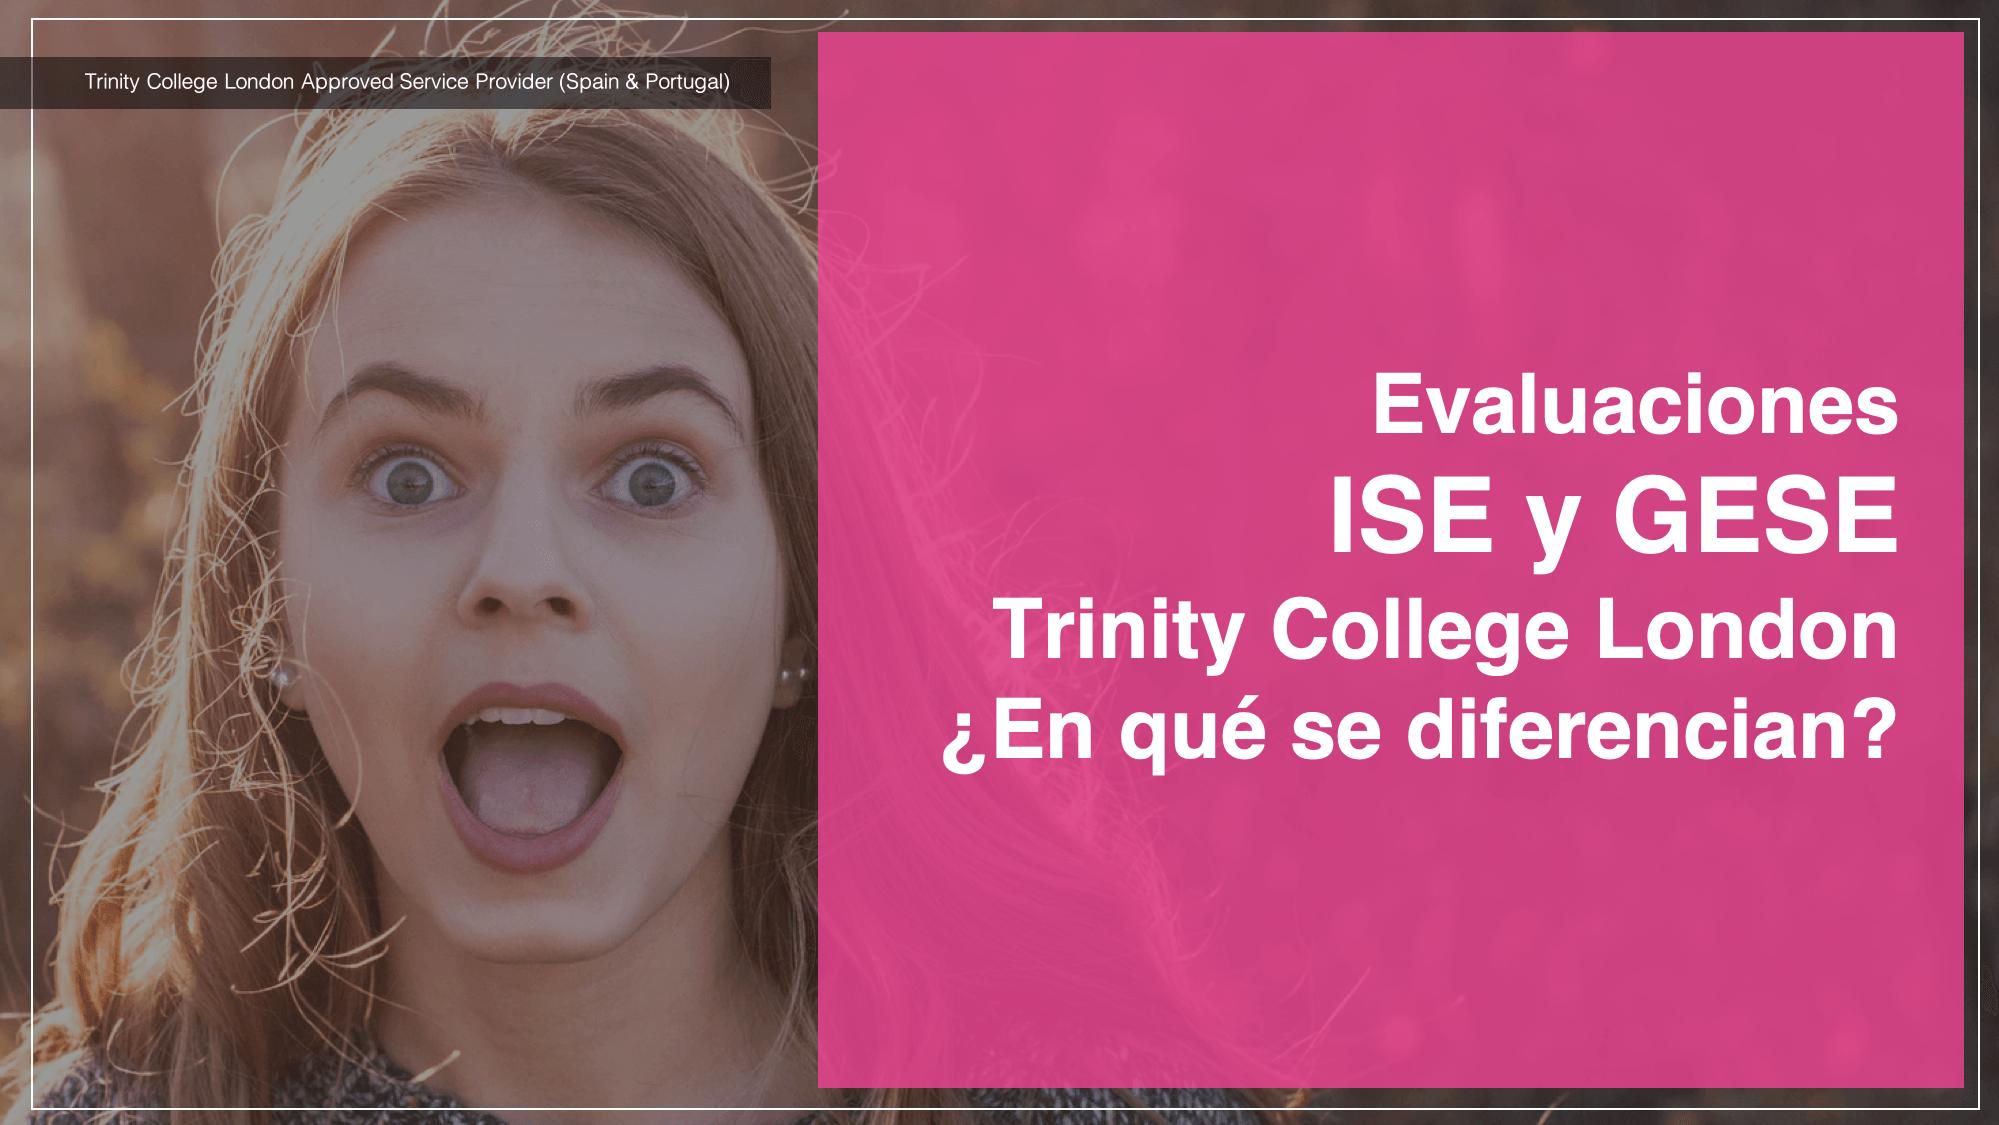 Evaluaciones  ISE y GESE  Trinity College London ¿En qué se diferencian?